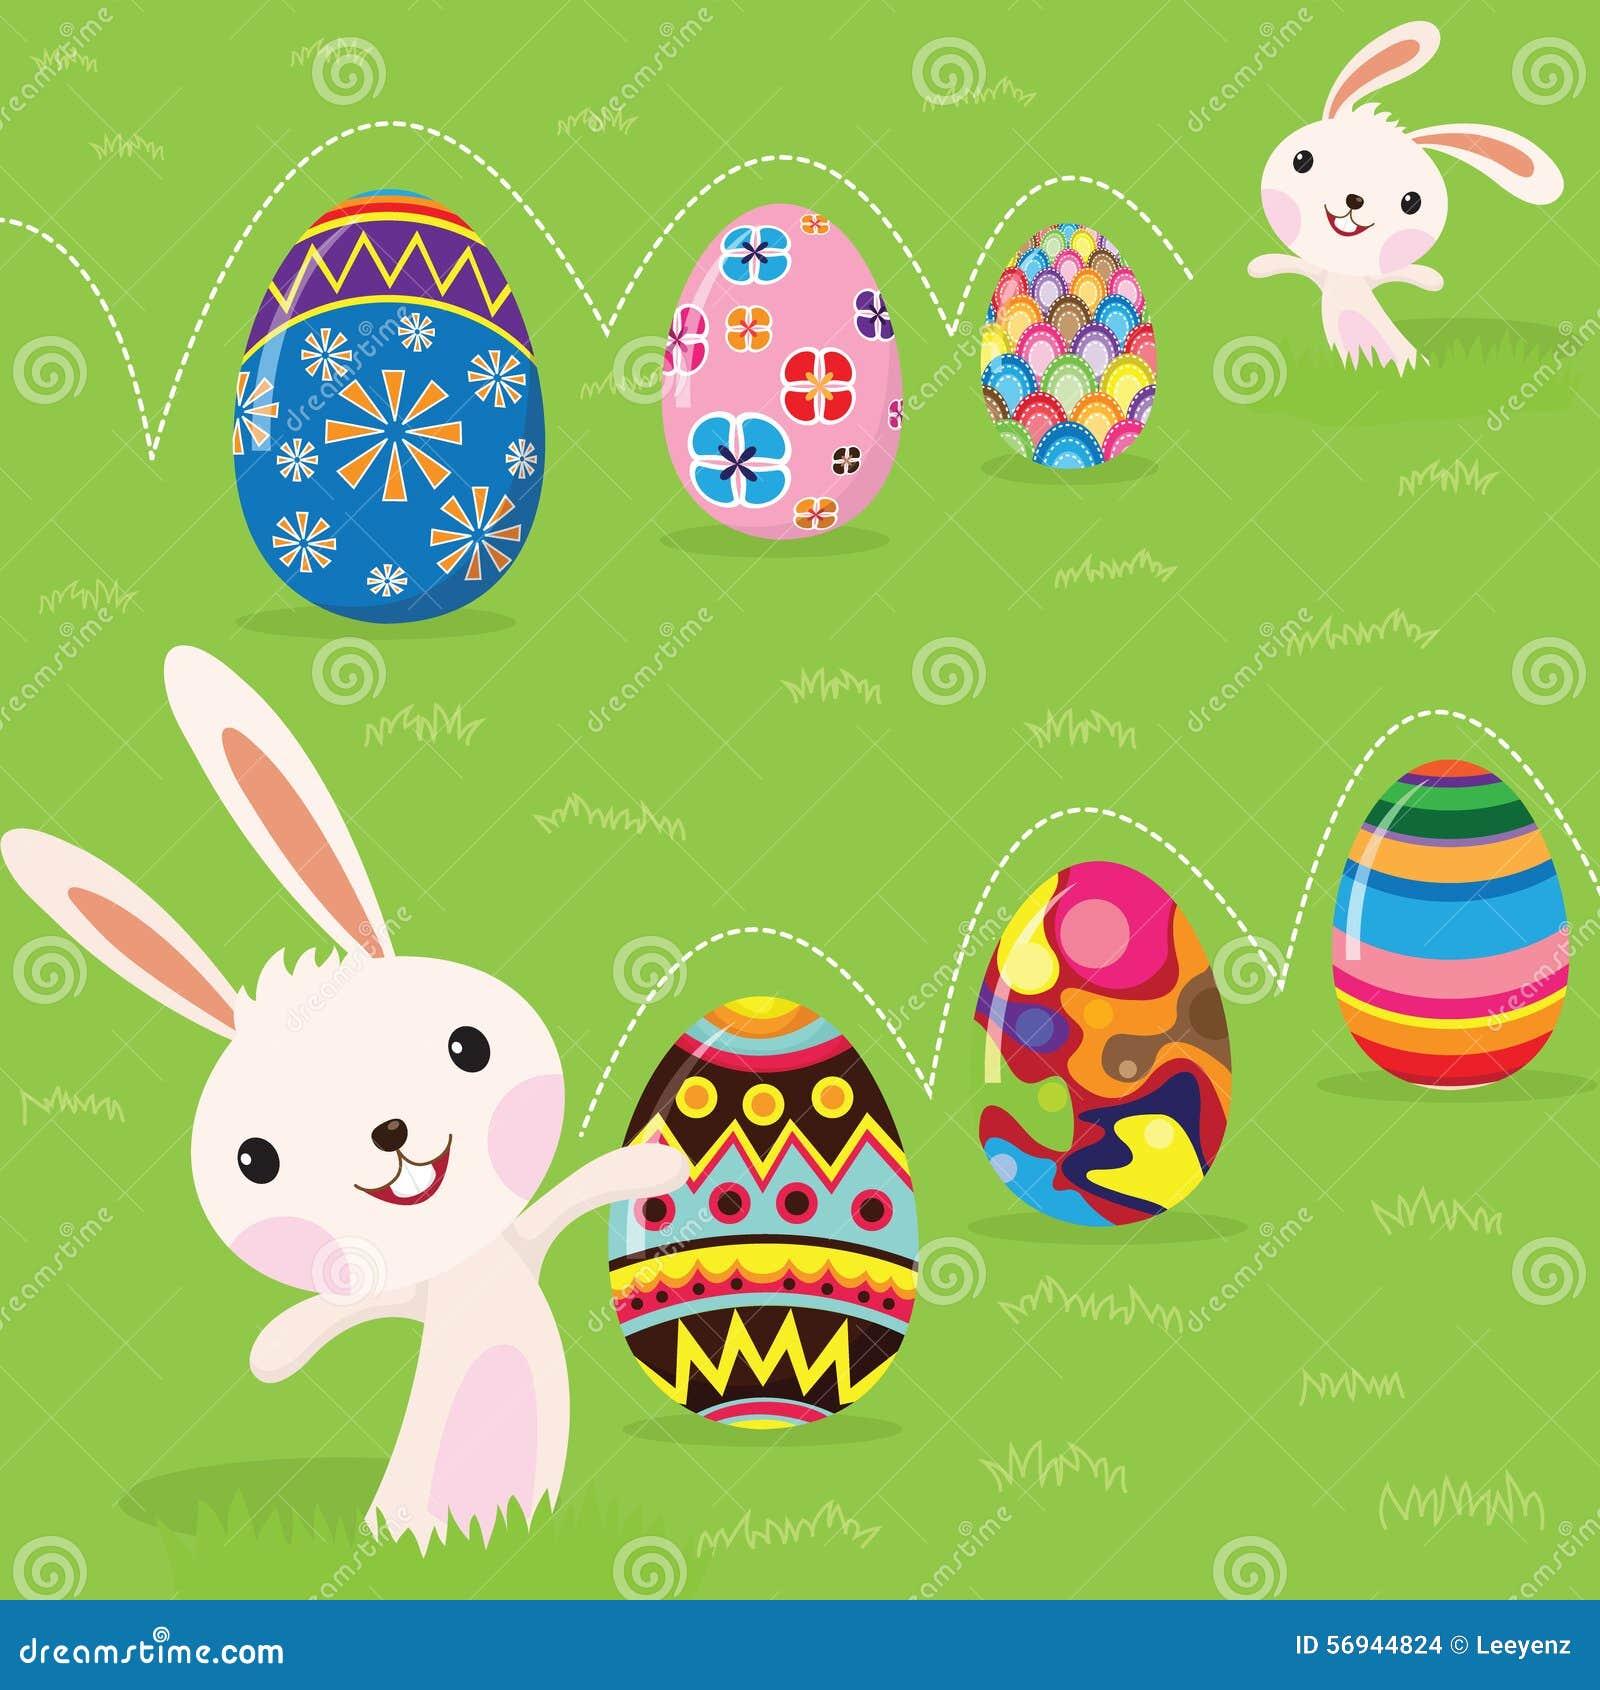 Coelhinho da Páscoa brincalhão com ovos pintados